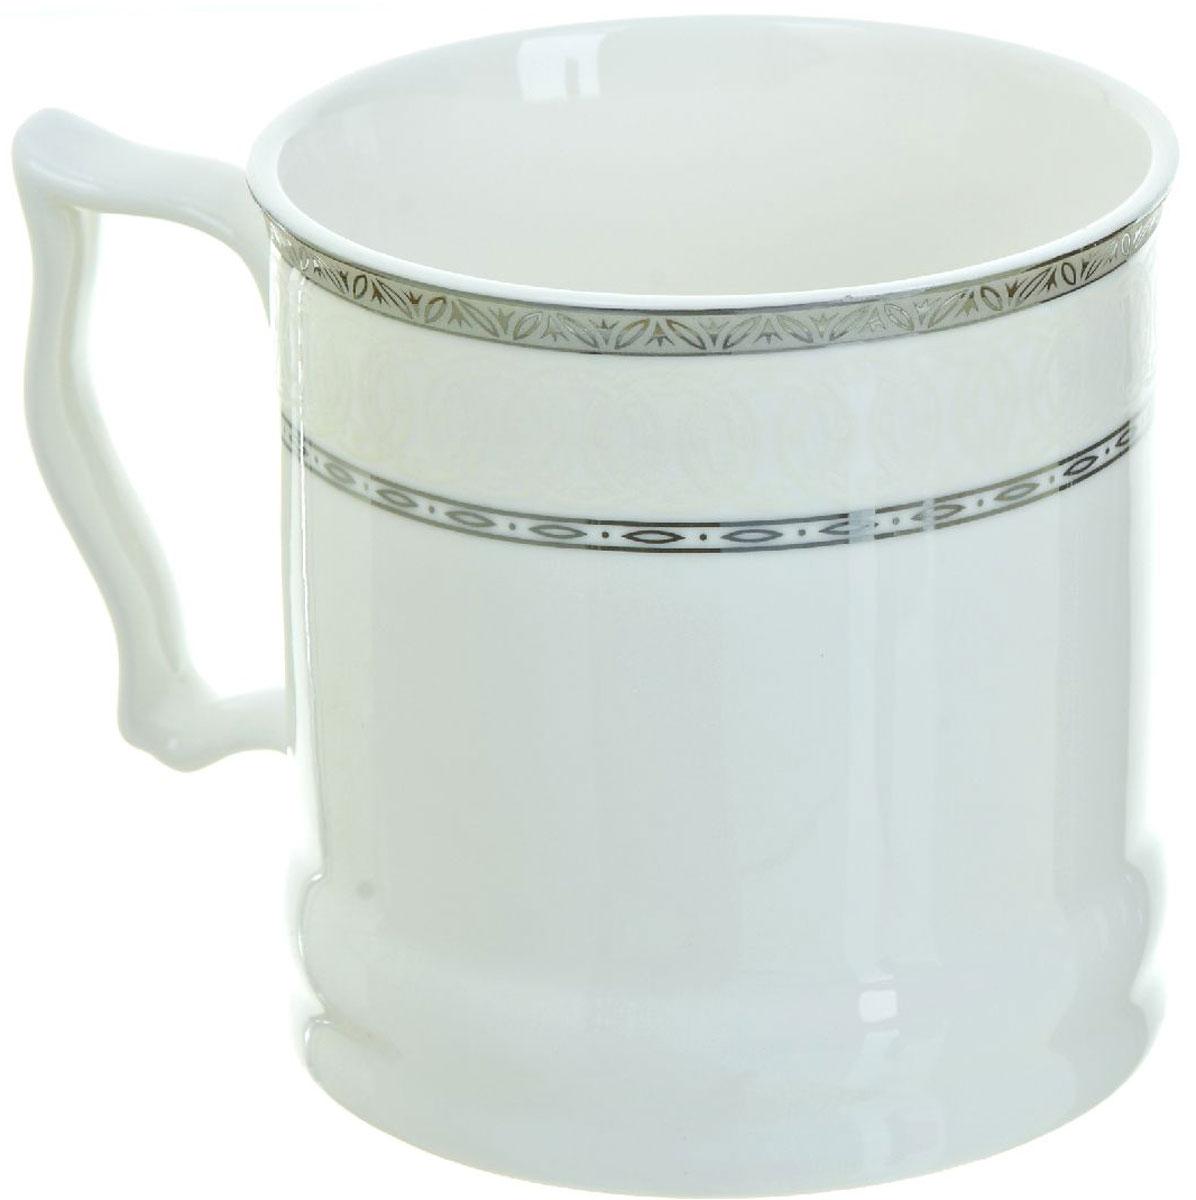 Кружка BHP Королевская кружка, 500 мл. 18700061870006Оригинальная кружка Best Home Porcelain, выполненная из высококачественного фарфора, сочетает в себе простой, утонченный дизайн с максимальной функциональностью. Можно использовать в посудомоечной машине.